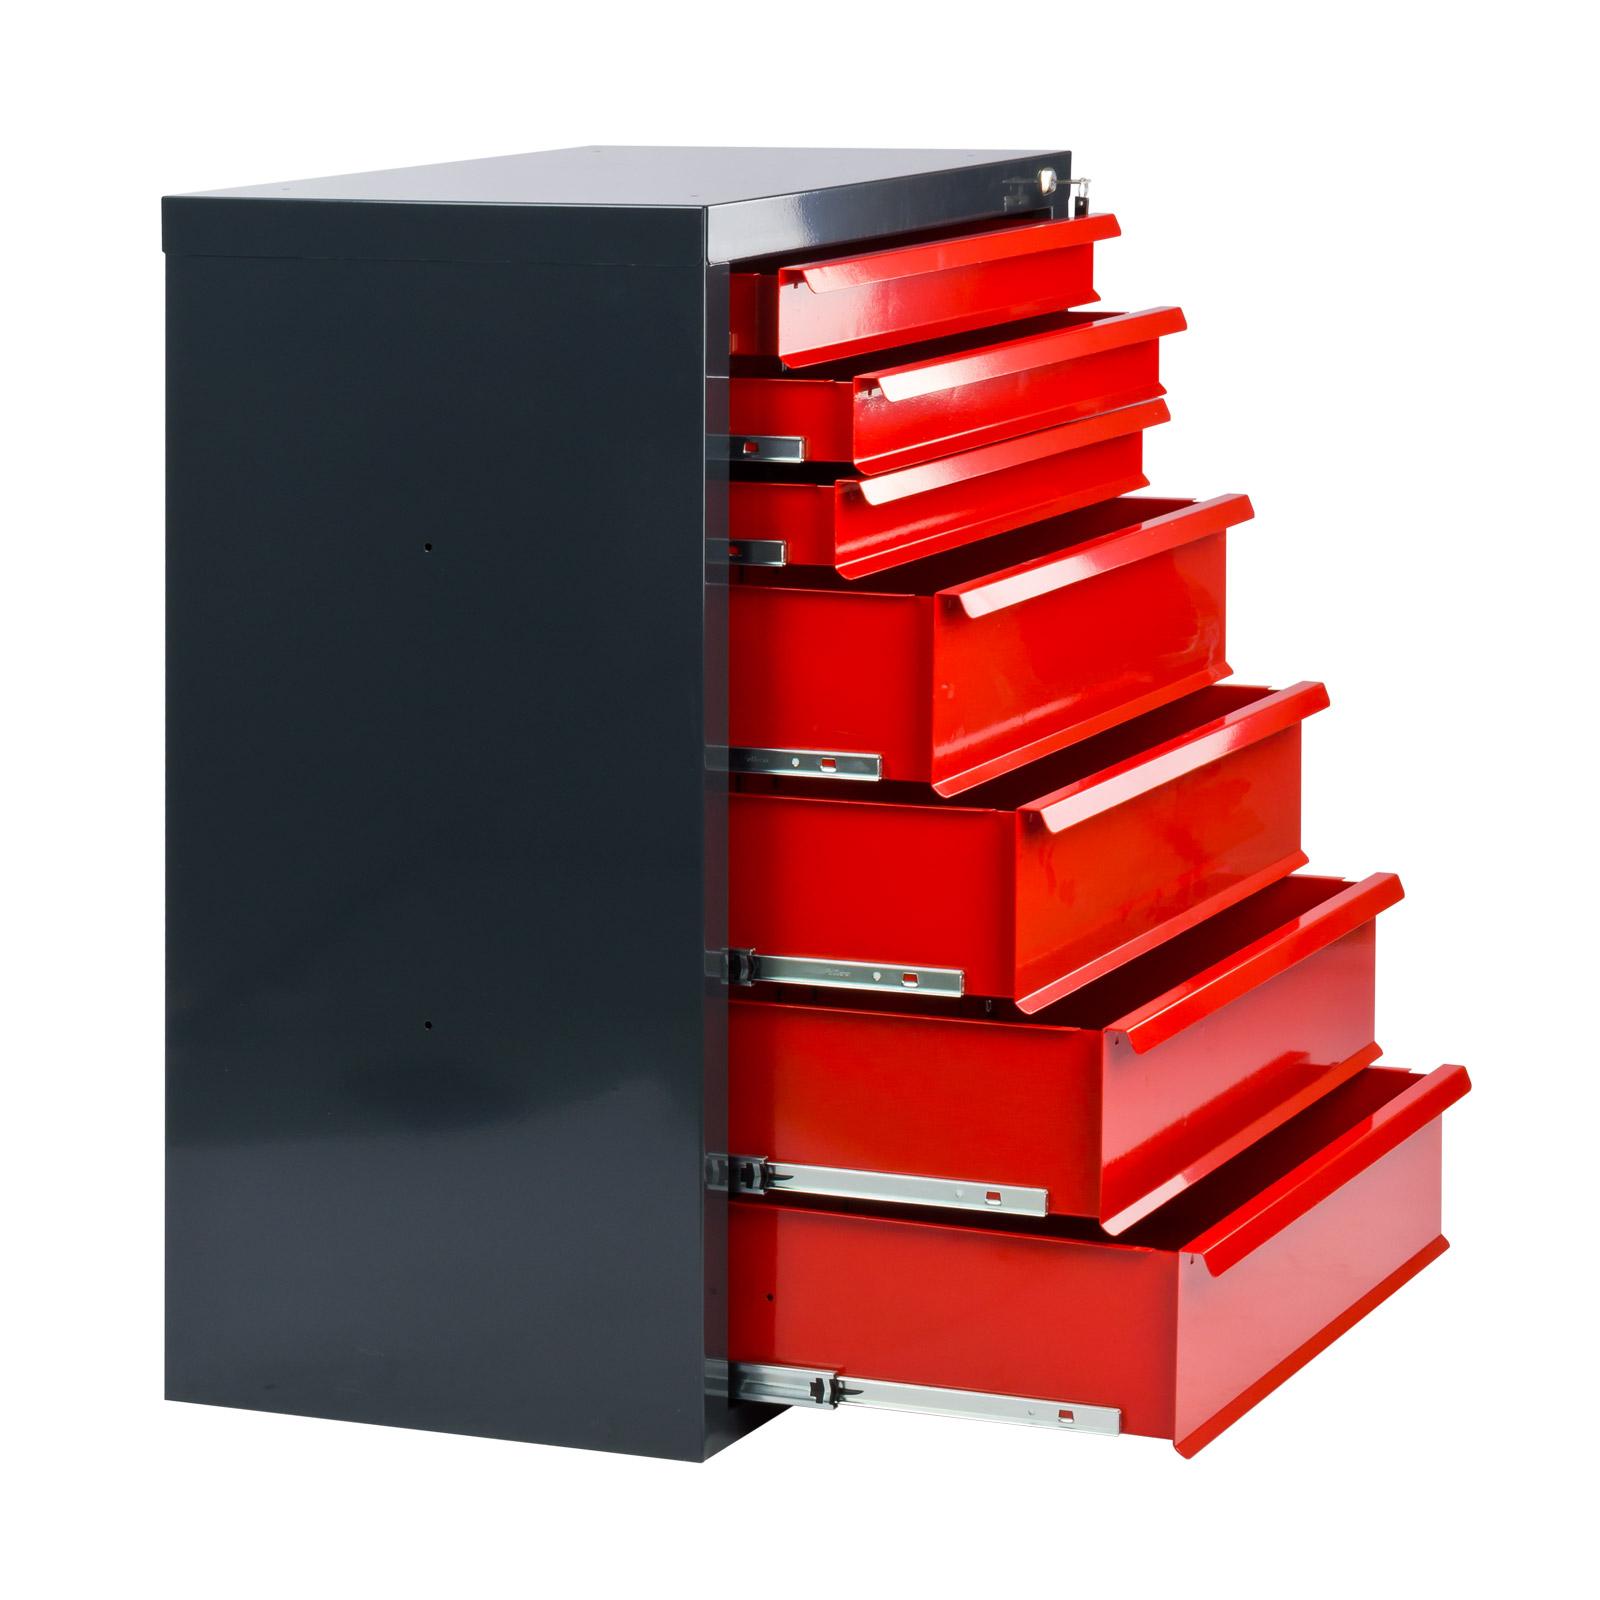 schubladenschrank schrank metallschrank werkzeugschrank werkstattschrank 917065 ebay. Black Bedroom Furniture Sets. Home Design Ideas